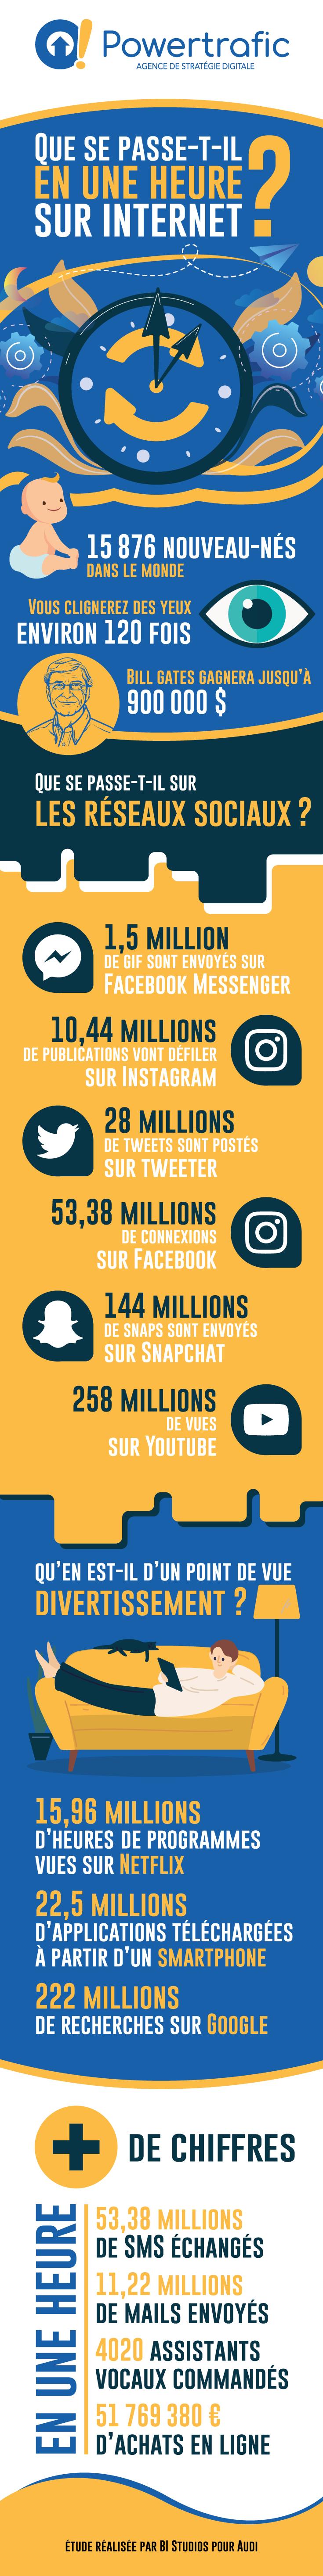 1h sur internet : bilan des chiffres en une infographie